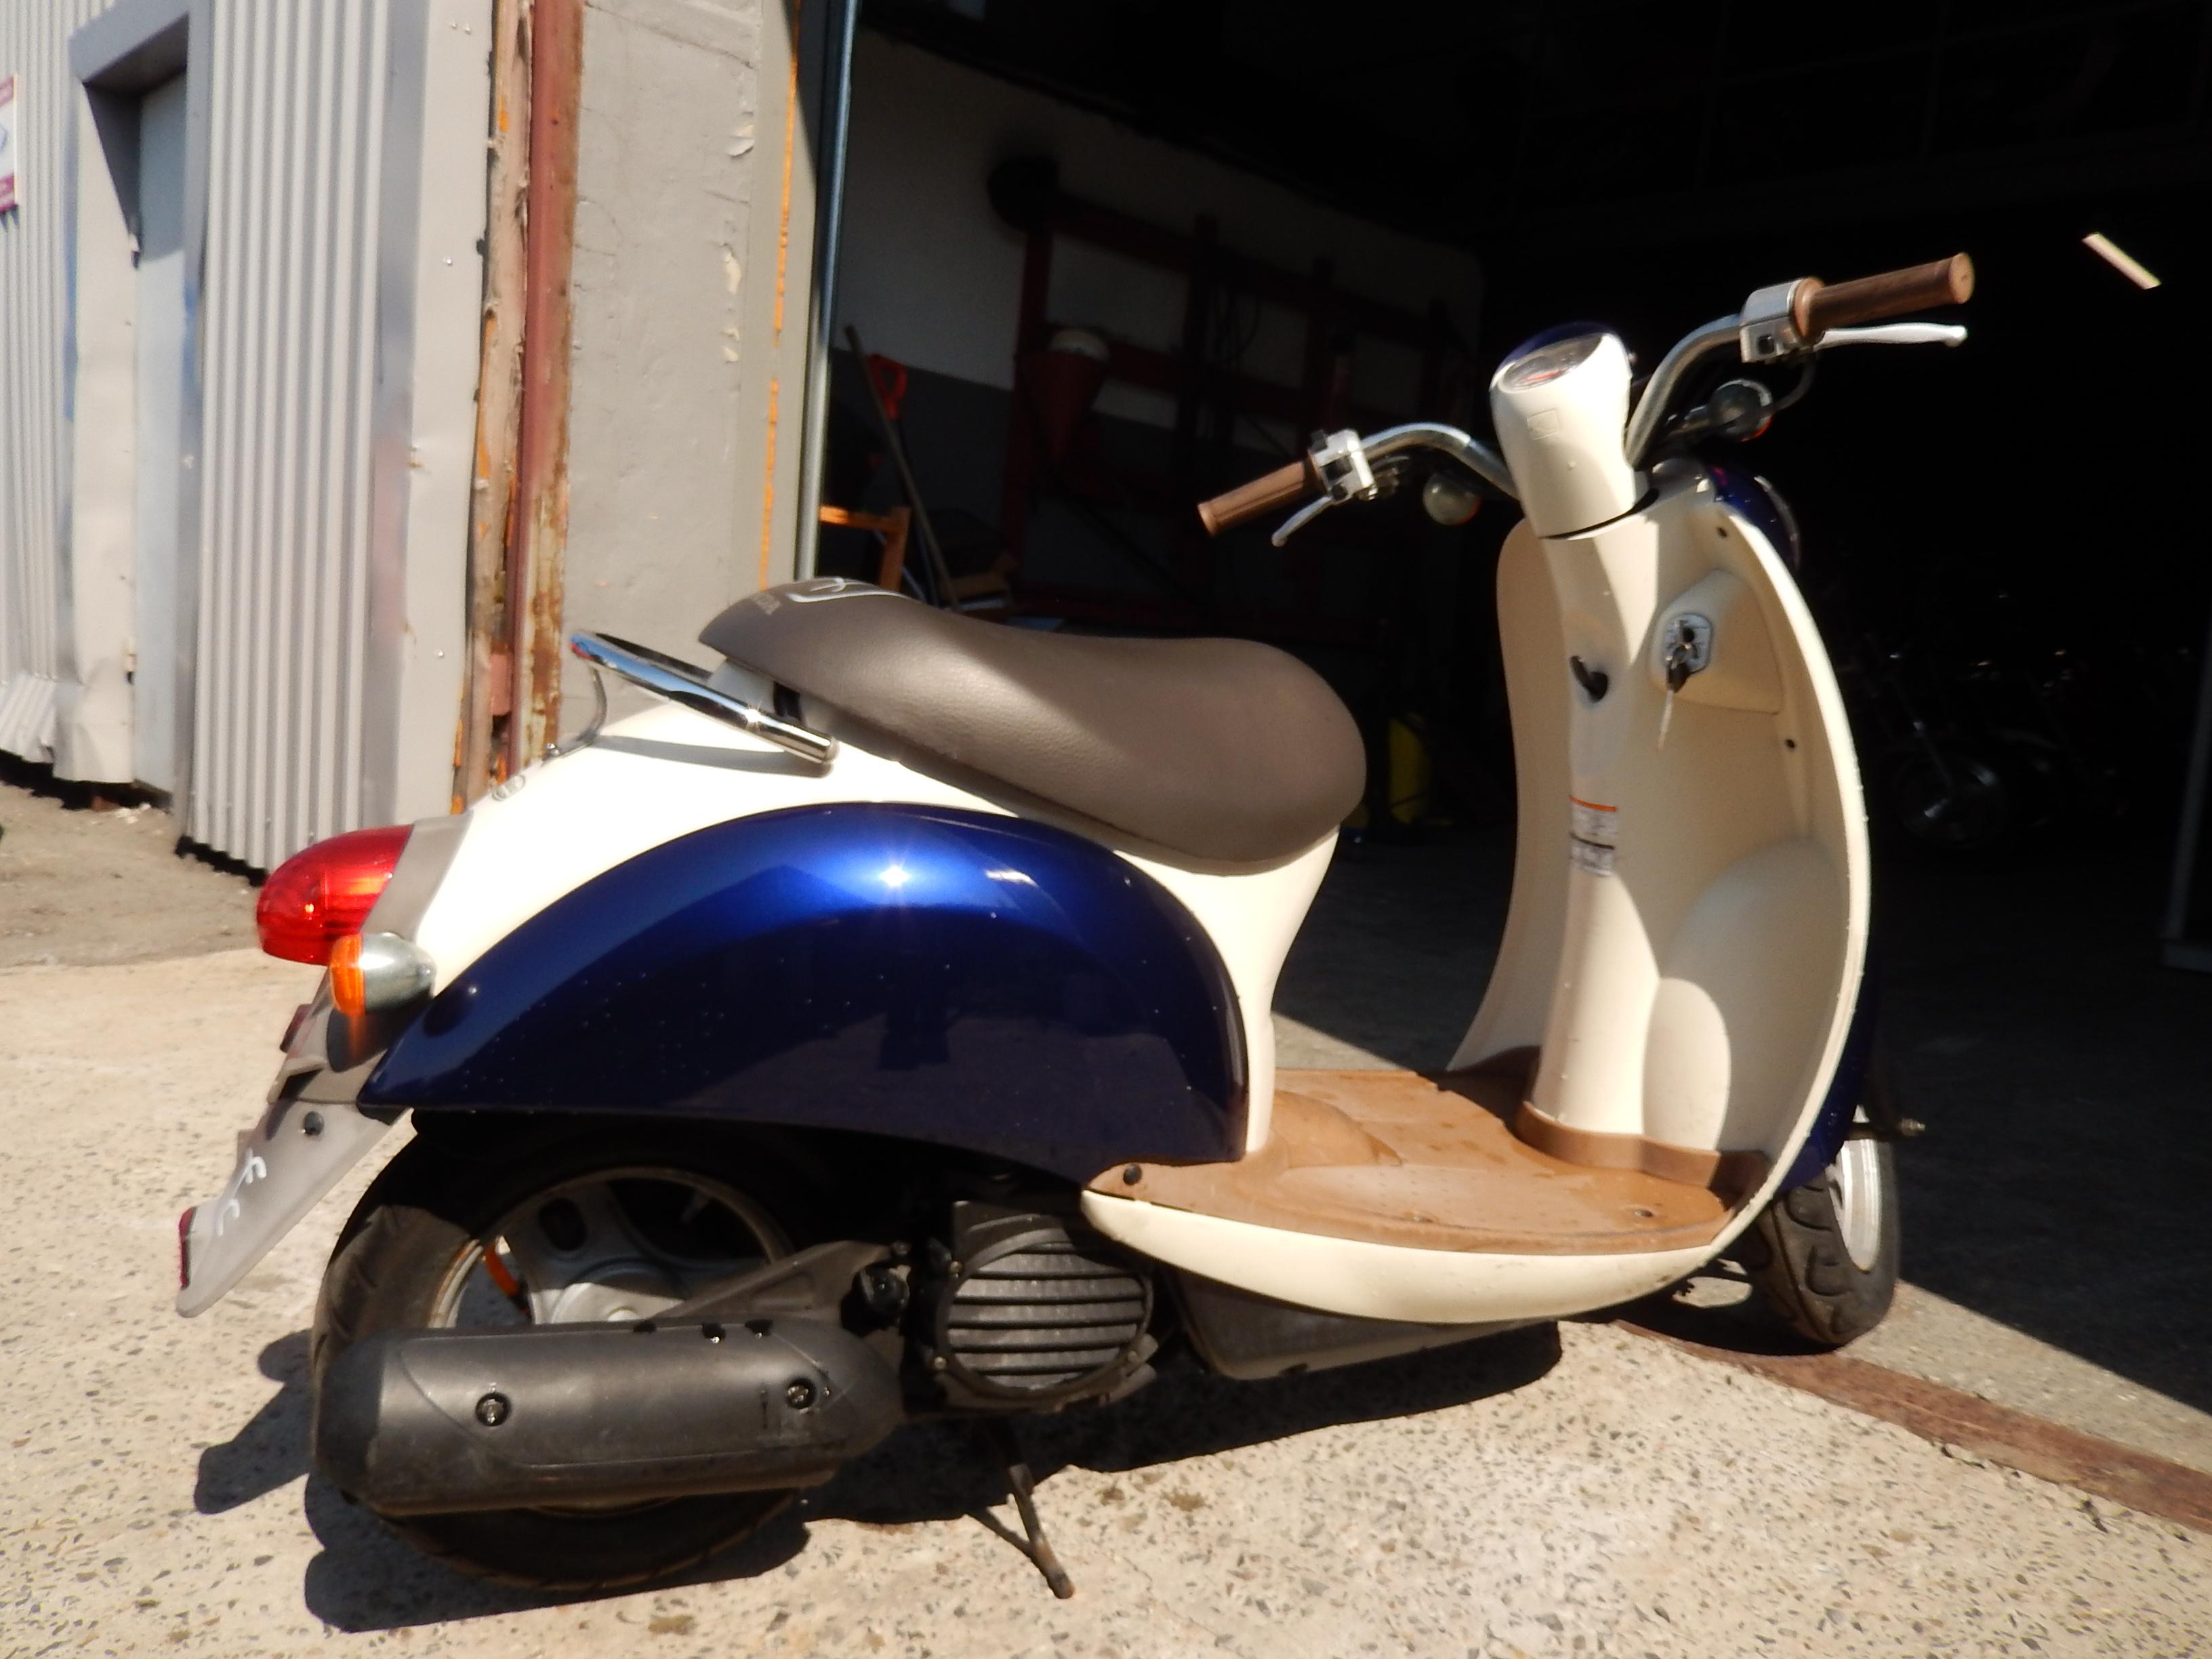 Замена масла четырёхтактного двигателя скутера